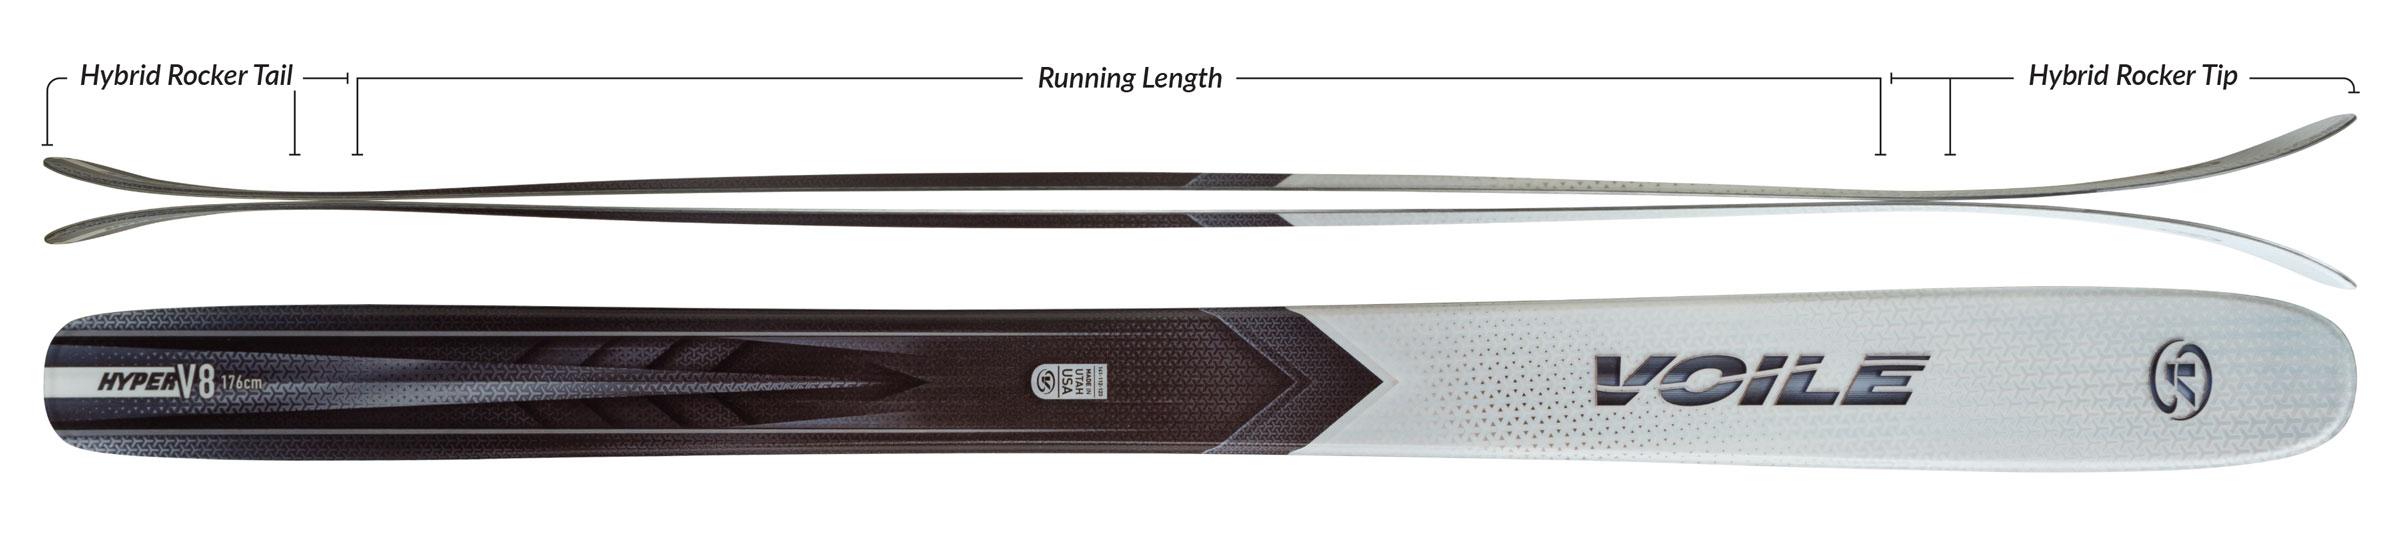 Voile Hyper V8 Skis Camber Profile